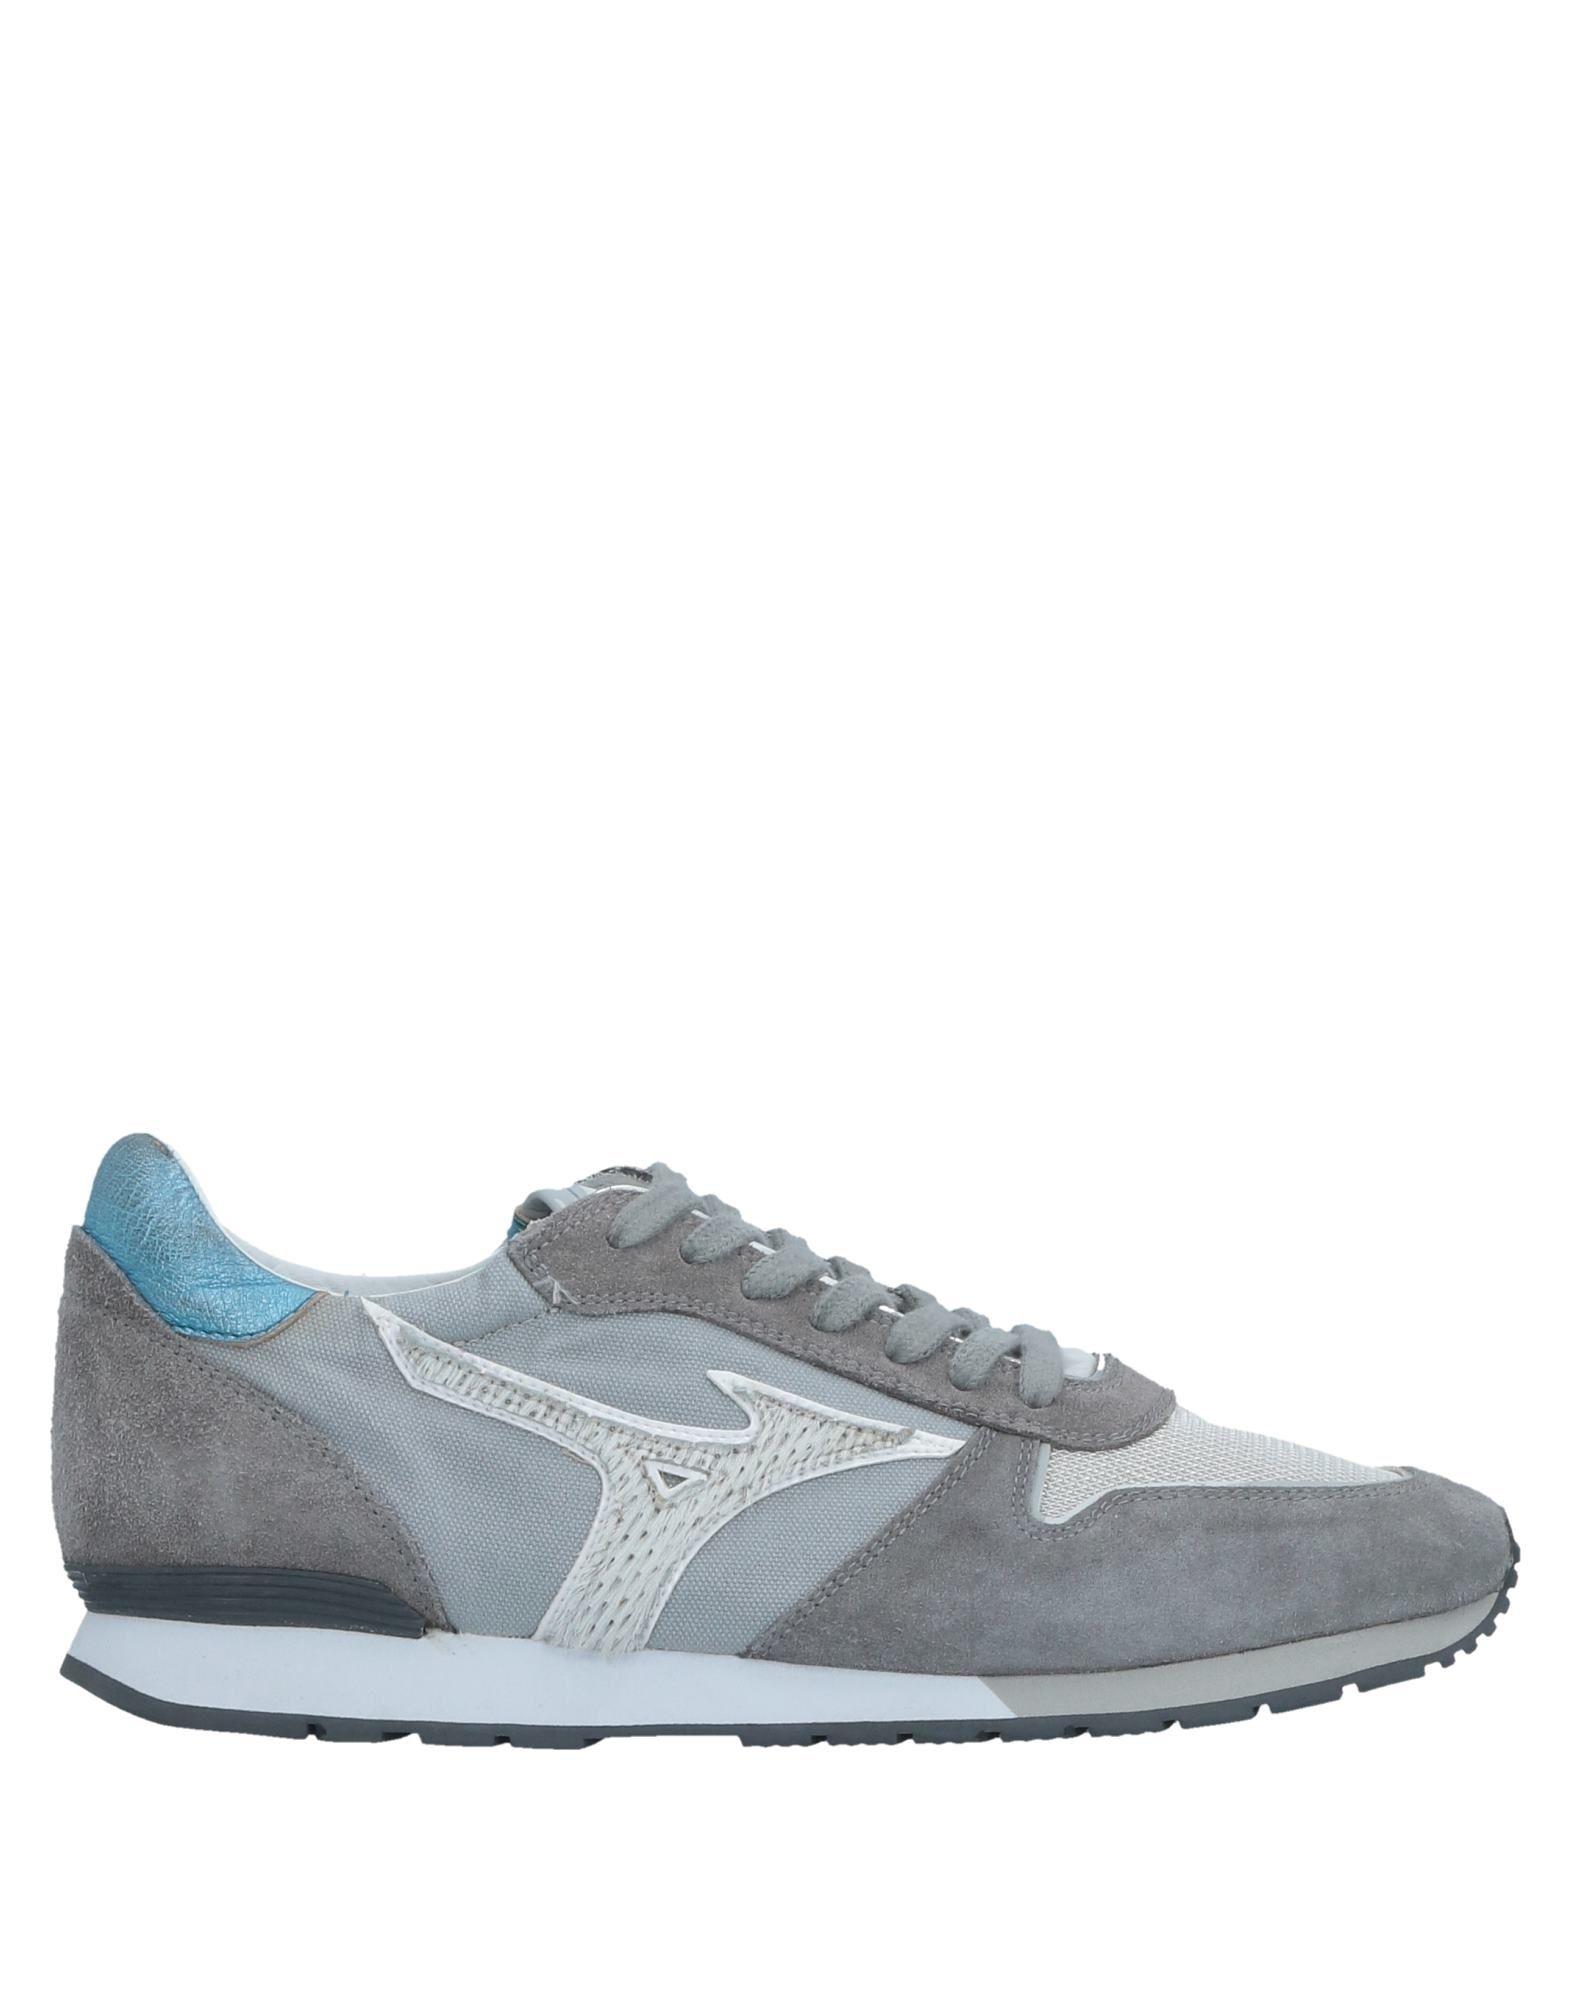 Mizuno Sneakers Herren  11522998JK